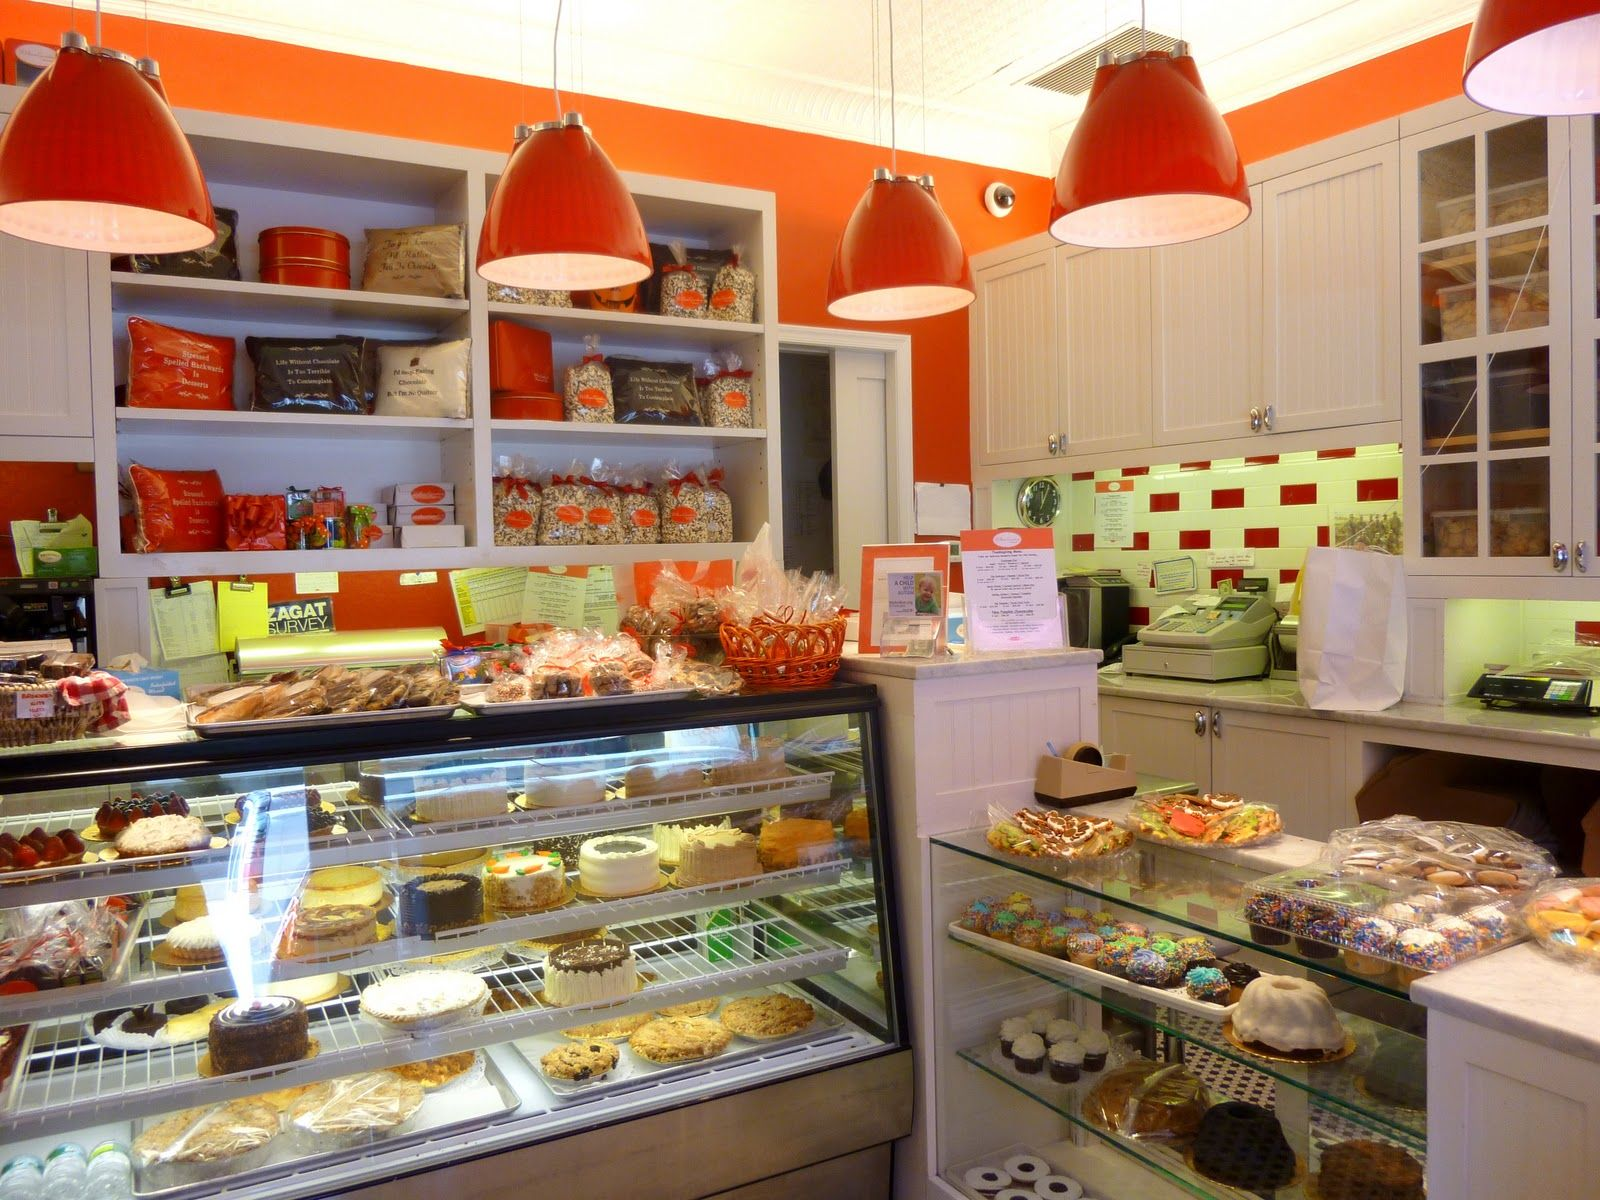 Bakery Interiors Bizzy Oven Mitt Bakery Bakery design ideas